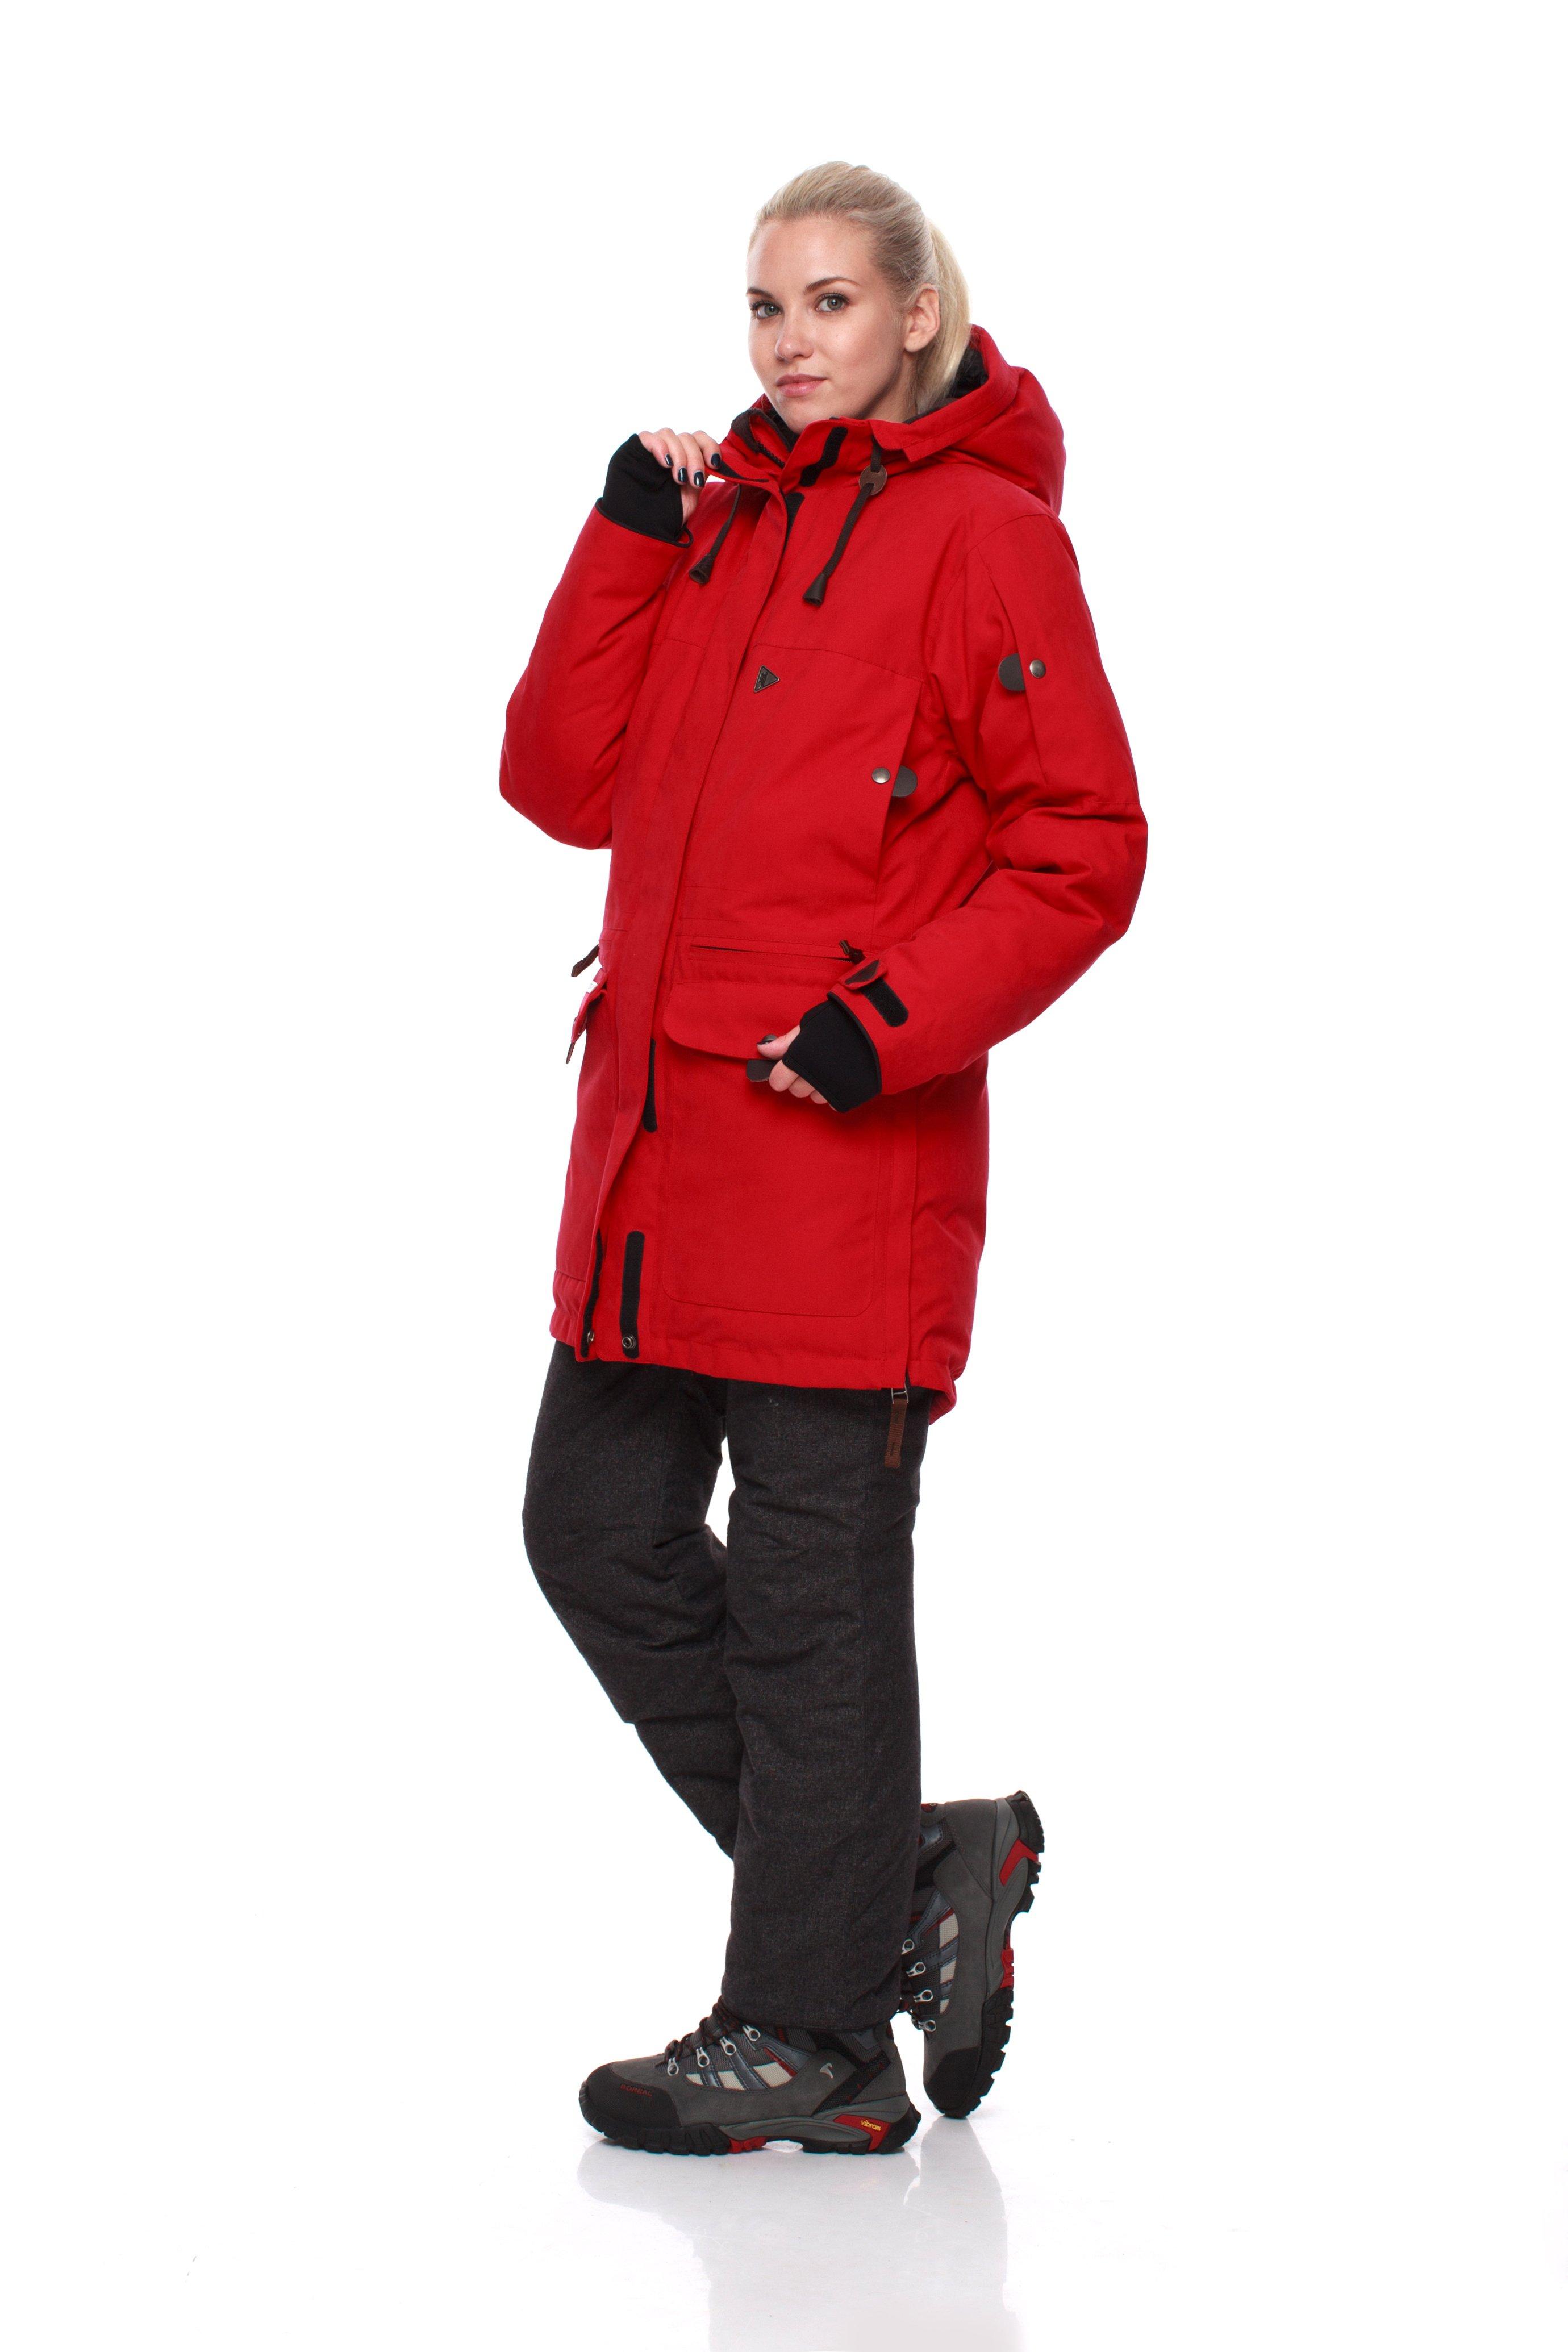 Пуховая куртка BASK IREMEL 3778Куртки<br>Женская зимняя пуховая куртка-парка c мембранной тканью и температурным режимом -30 °С.<br><br>Верхняя ткань: Advance® Alaska<br>Вес граммы: 2150<br>Вес утеплителя: 420<br>Ветро-влагозащитные свойства верхней ткани: Да<br>Ветрозащитная планка: Да<br>Ветрозащитная юбка: Да<br>Влагозащитные молнии: Нет<br>Внутренние манжеты: Да<br>Внутренняя ткань: Advance® Classic<br>Водонепроницаемость: 5000<br>Дублирующий центральную молнию клапан: Да<br>Защитный козырёк капюшона: Нет<br>Капюшон: Несъемный<br>Карман для средств связи: Нет<br>Количество внешних карманов: 8<br>Количество внутренних карманов: 2<br>Мембрана: Да<br>Объемный крой локтевой зоны: Да<br>Отстёгивающиеся рукава: Нет<br>Паропроницаемость: 5000<br>Показатель Fill Power (для пуховых изделий): 650<br>Пол: Женский<br>Проклейка швов: Нет<br>Регулировка манжетов рукавов: Да<br>Регулировка низа: Нет<br>Регулировка объёма капюшона: Да<br>Регулировка талии: Да<br>Регулируемые вентиляционные отверстия: Нет<br>Световозвращающая лента: Нет<br>Температурный режим: -30<br>Технология Thermal Welding: Нет<br>Технология швов: Простые<br>Тип молнии: Двухзамковая<br>Тип утеплителя: Натуральный<br>Ткань усиления: нет<br>Усиление контактных зон: Нет<br>Утеплитель: Гусиный пух<br>Размер INT: M<br>Цвет: СИНИЙ